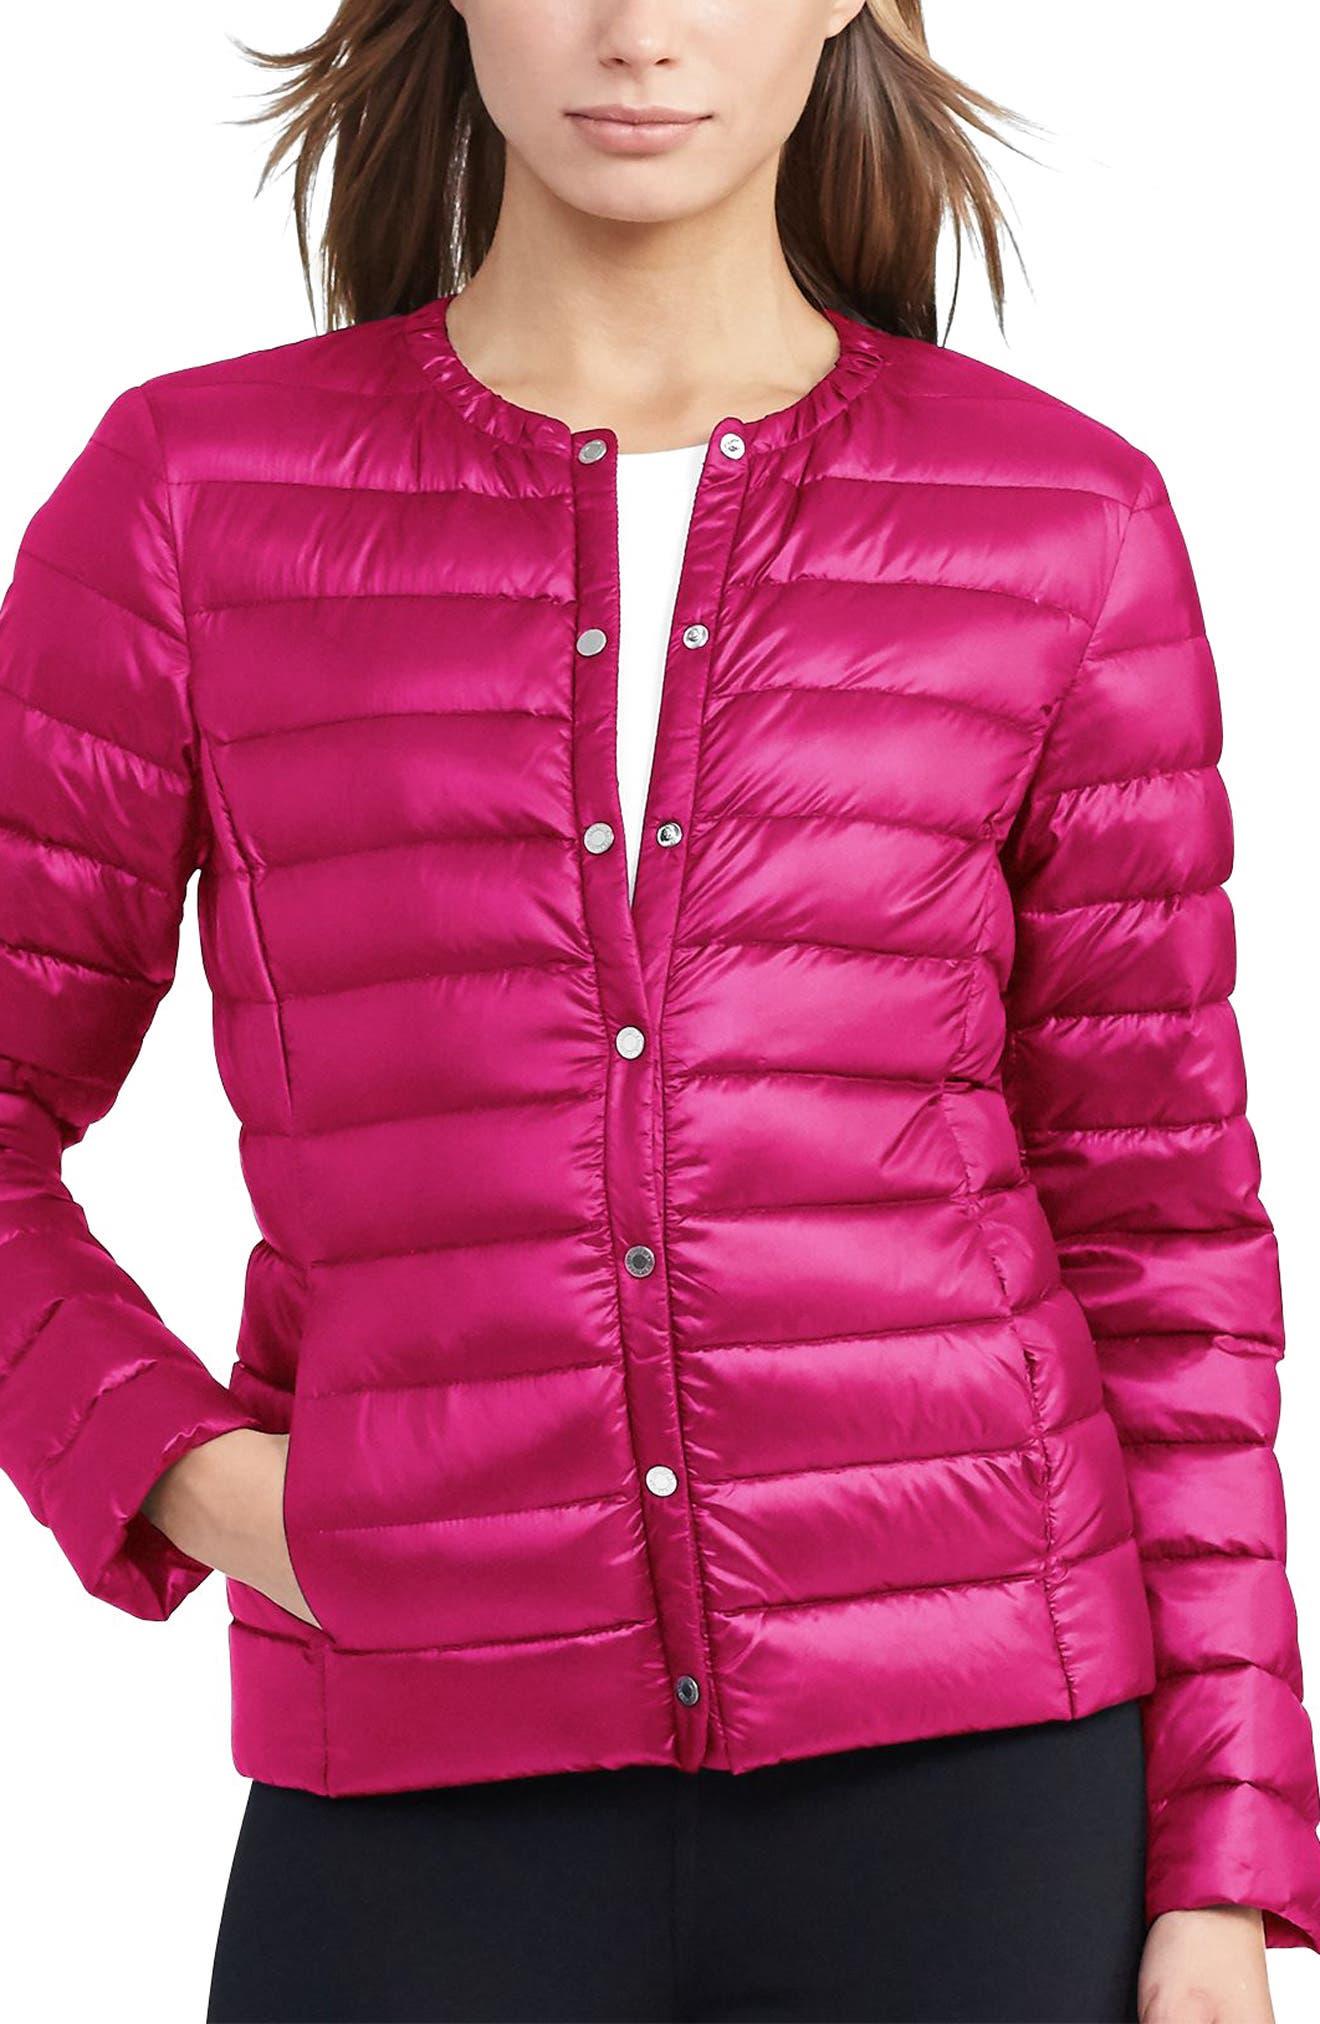 Alternate Image 1 Selected - Lauren Ralph Lauren Packable Quilted Collarless Down Jacket